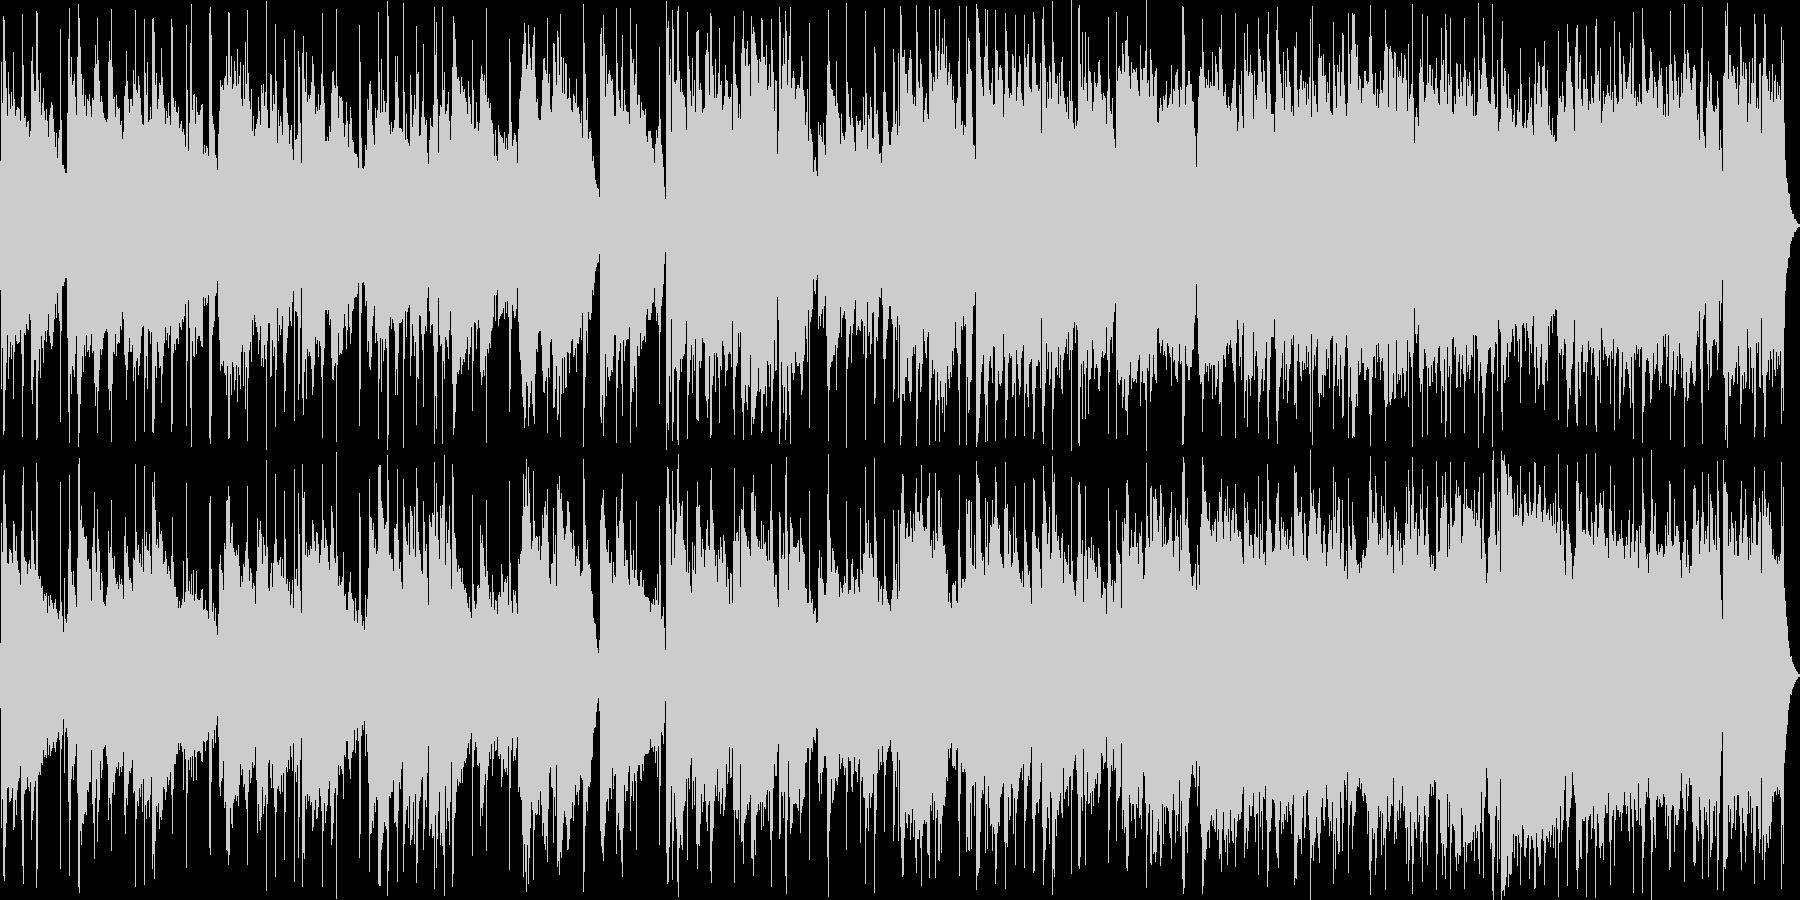 ウクレレが印象的なオシャレポップスの未再生の波形